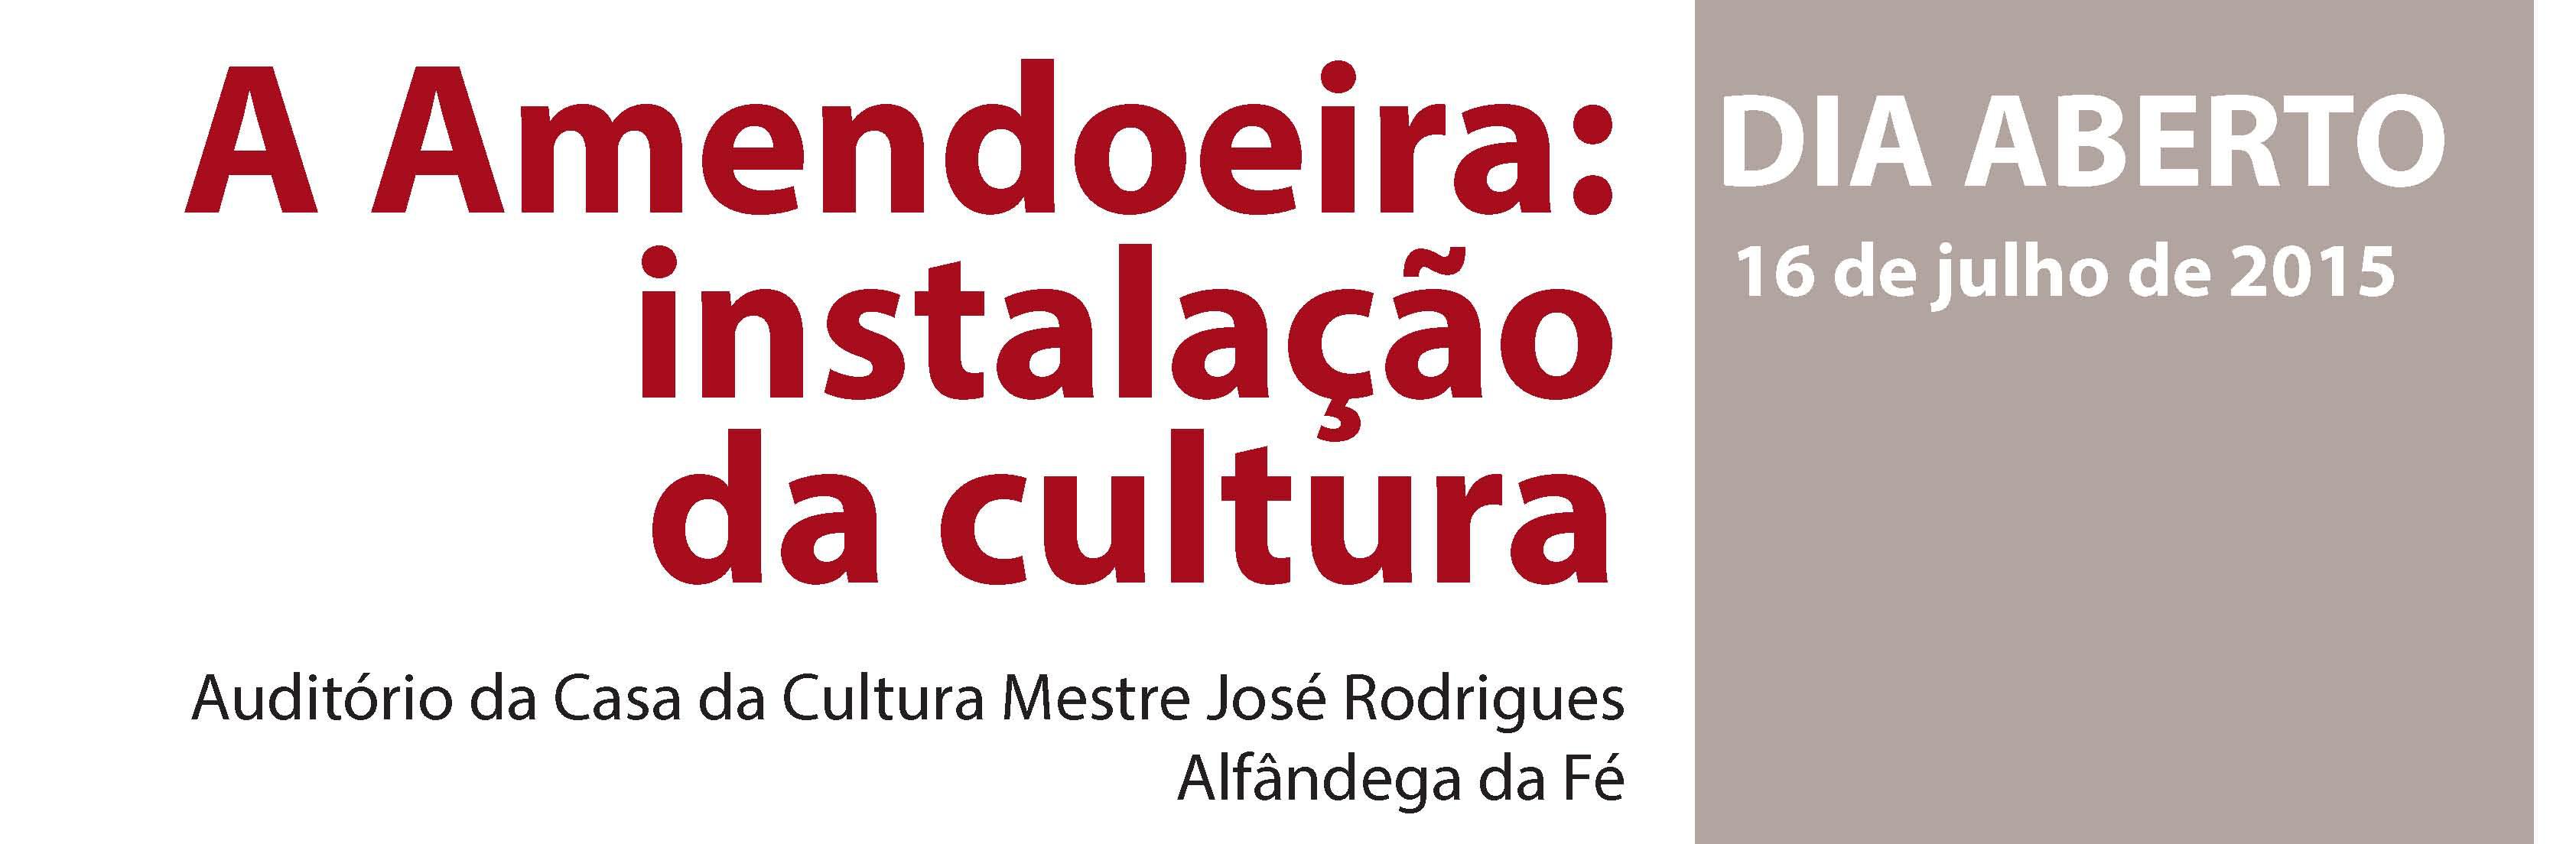 A Amendoeira instalação da cultura